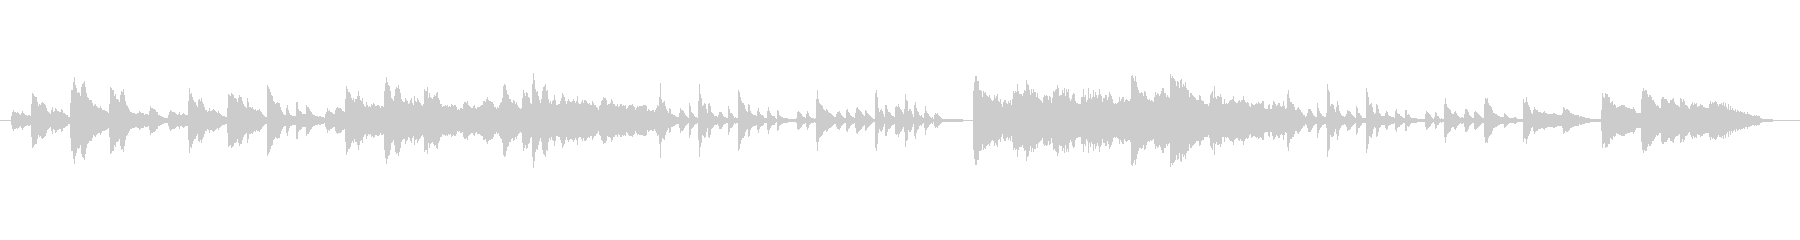 静かなピアノ曲(ヒーリングミュージック)の未再生の波形